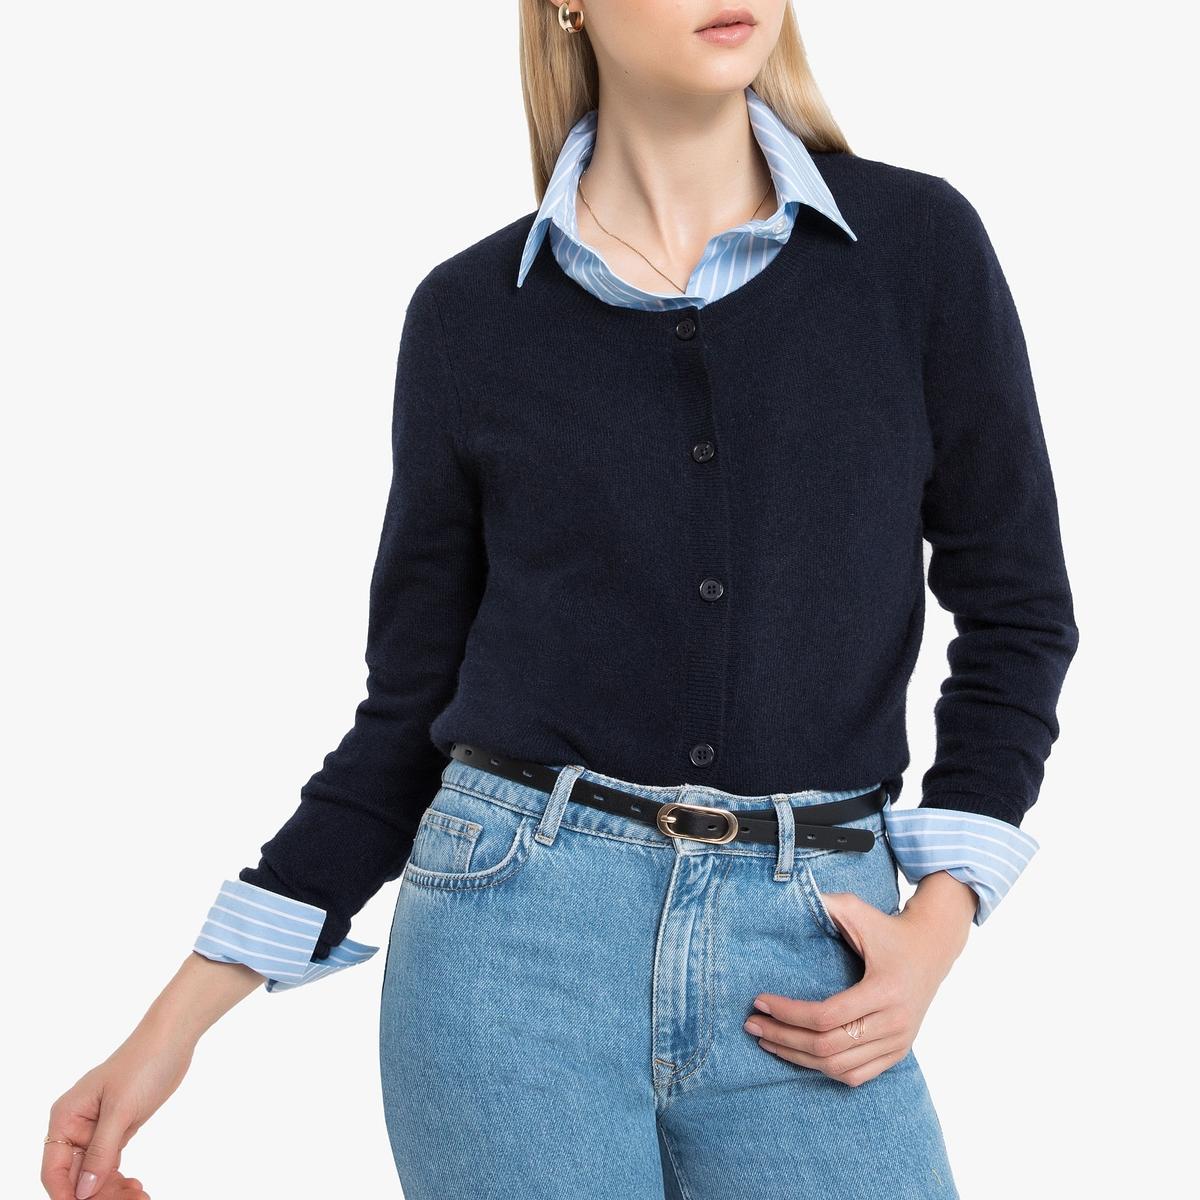 Кардиган La Redoute С круглым вырезом из кашемира S синий пуловер la redoute с круглым вырезом из шерсти мериноса pascal 3xl черный